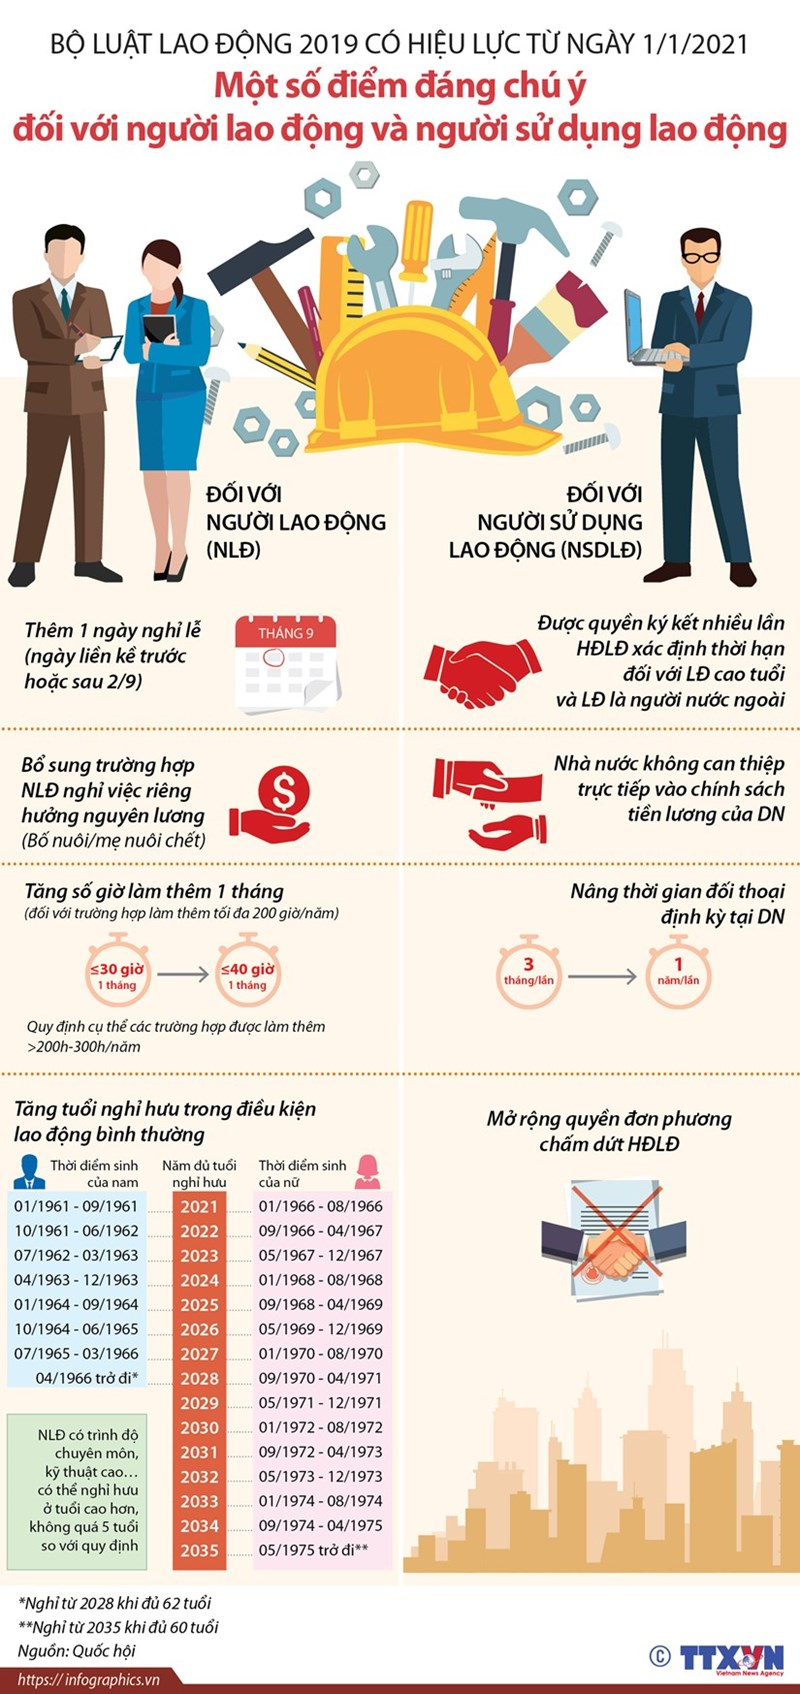 [Infographics] Bộ luật Lao động 2019 có hiệu lực từ ngày 1/1/2021 - Ảnh 1